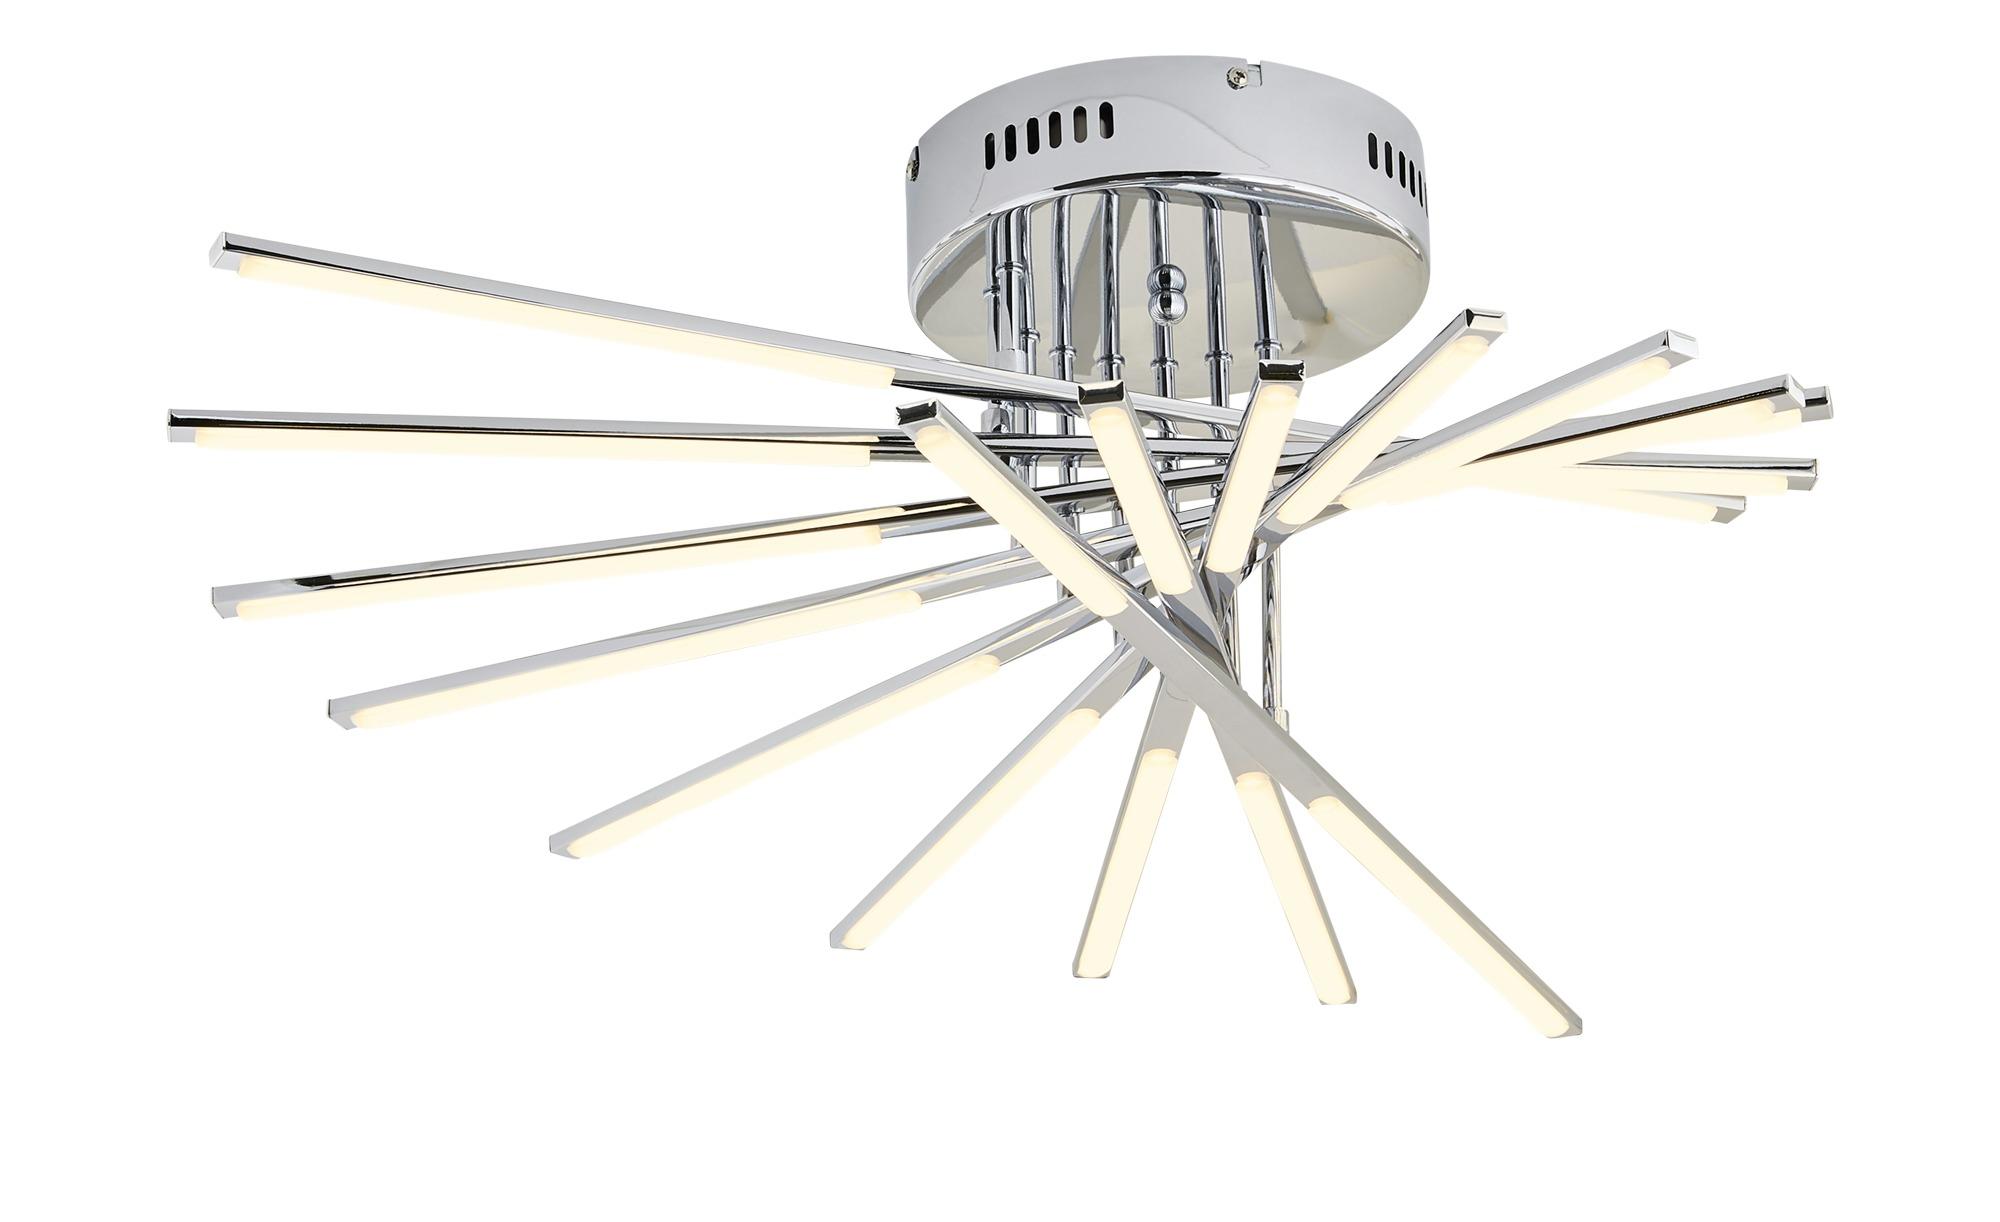 KHG LED-Deckenleuchte, Chrom ¦ Maße (cm): B: 73 H: 20 Lampen & Leuchten > Innenleuchten > Deckenleuchten - Höffner